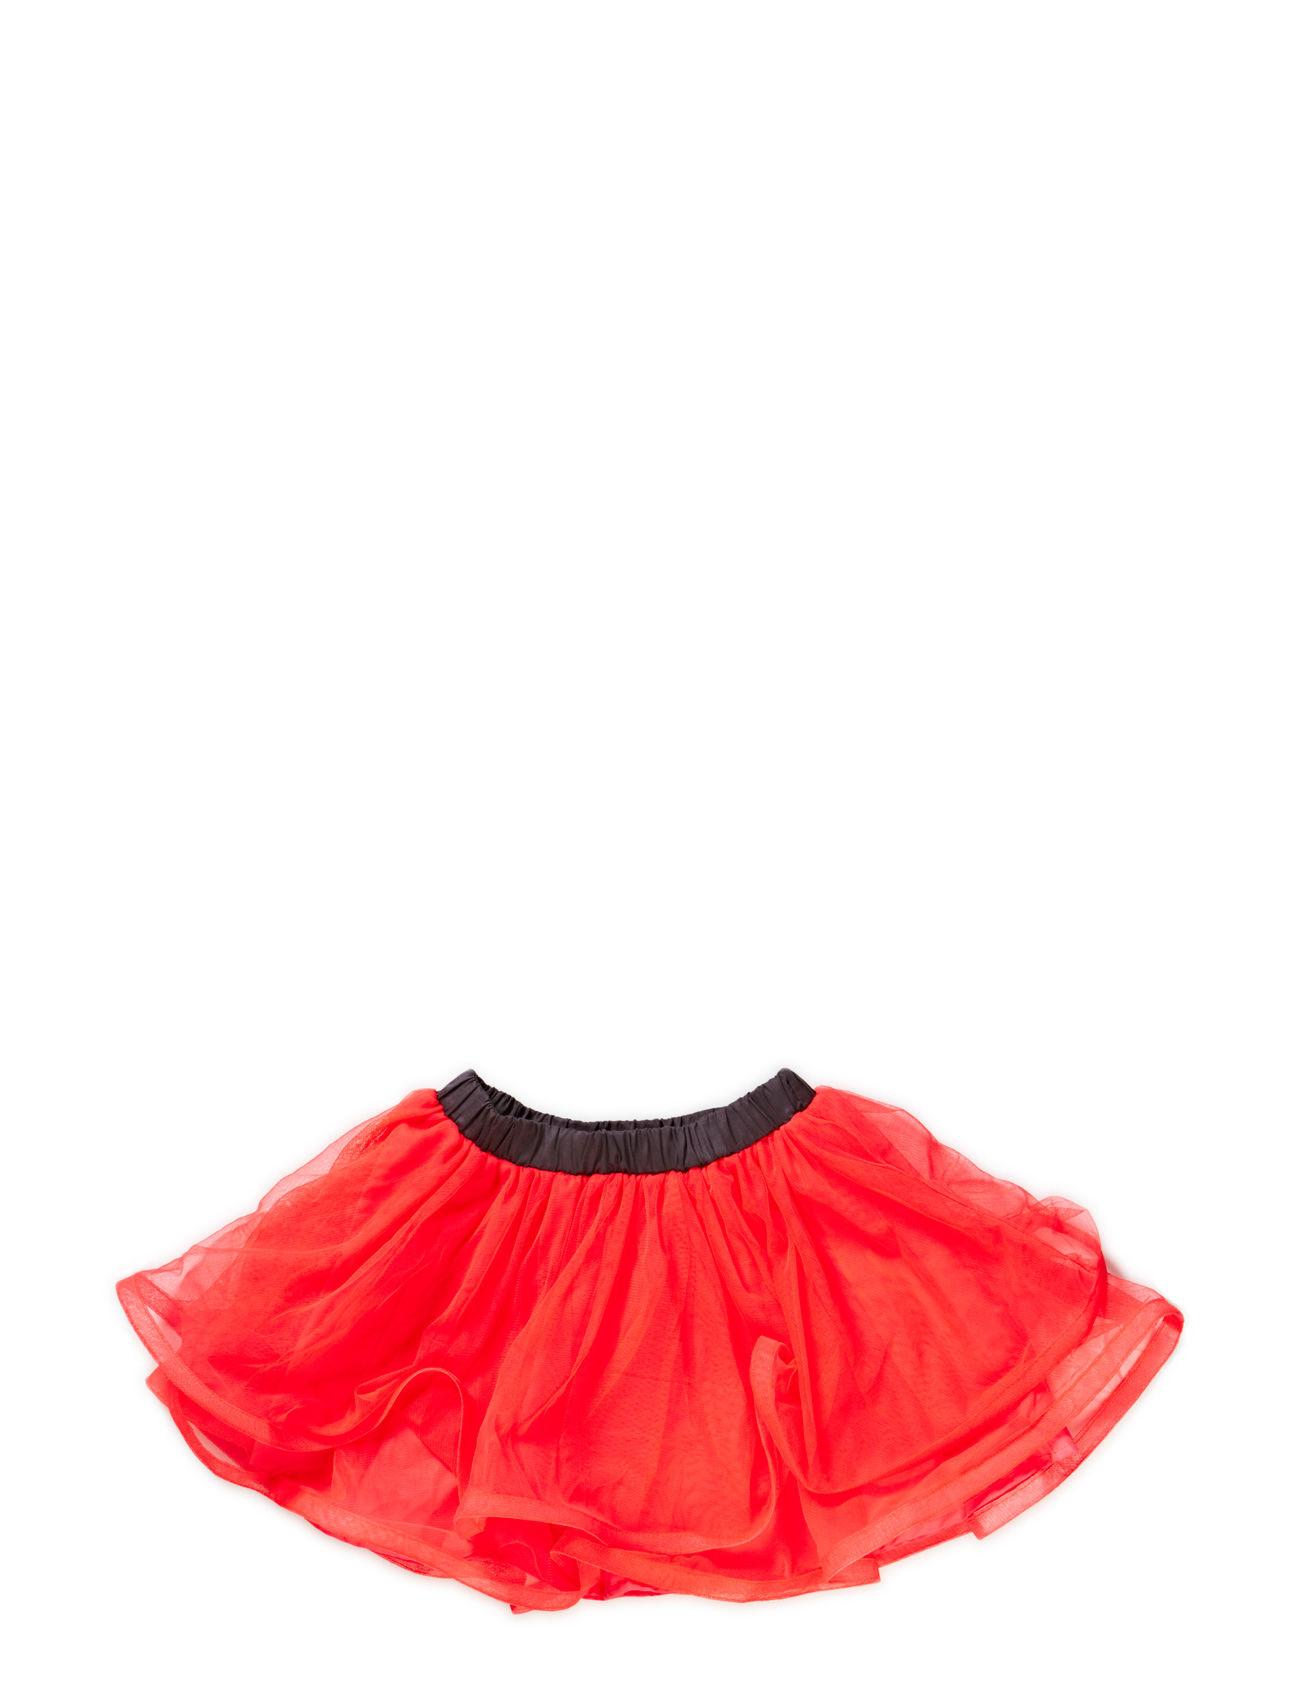 Odelia Kids Tulle Skirt X-Au14